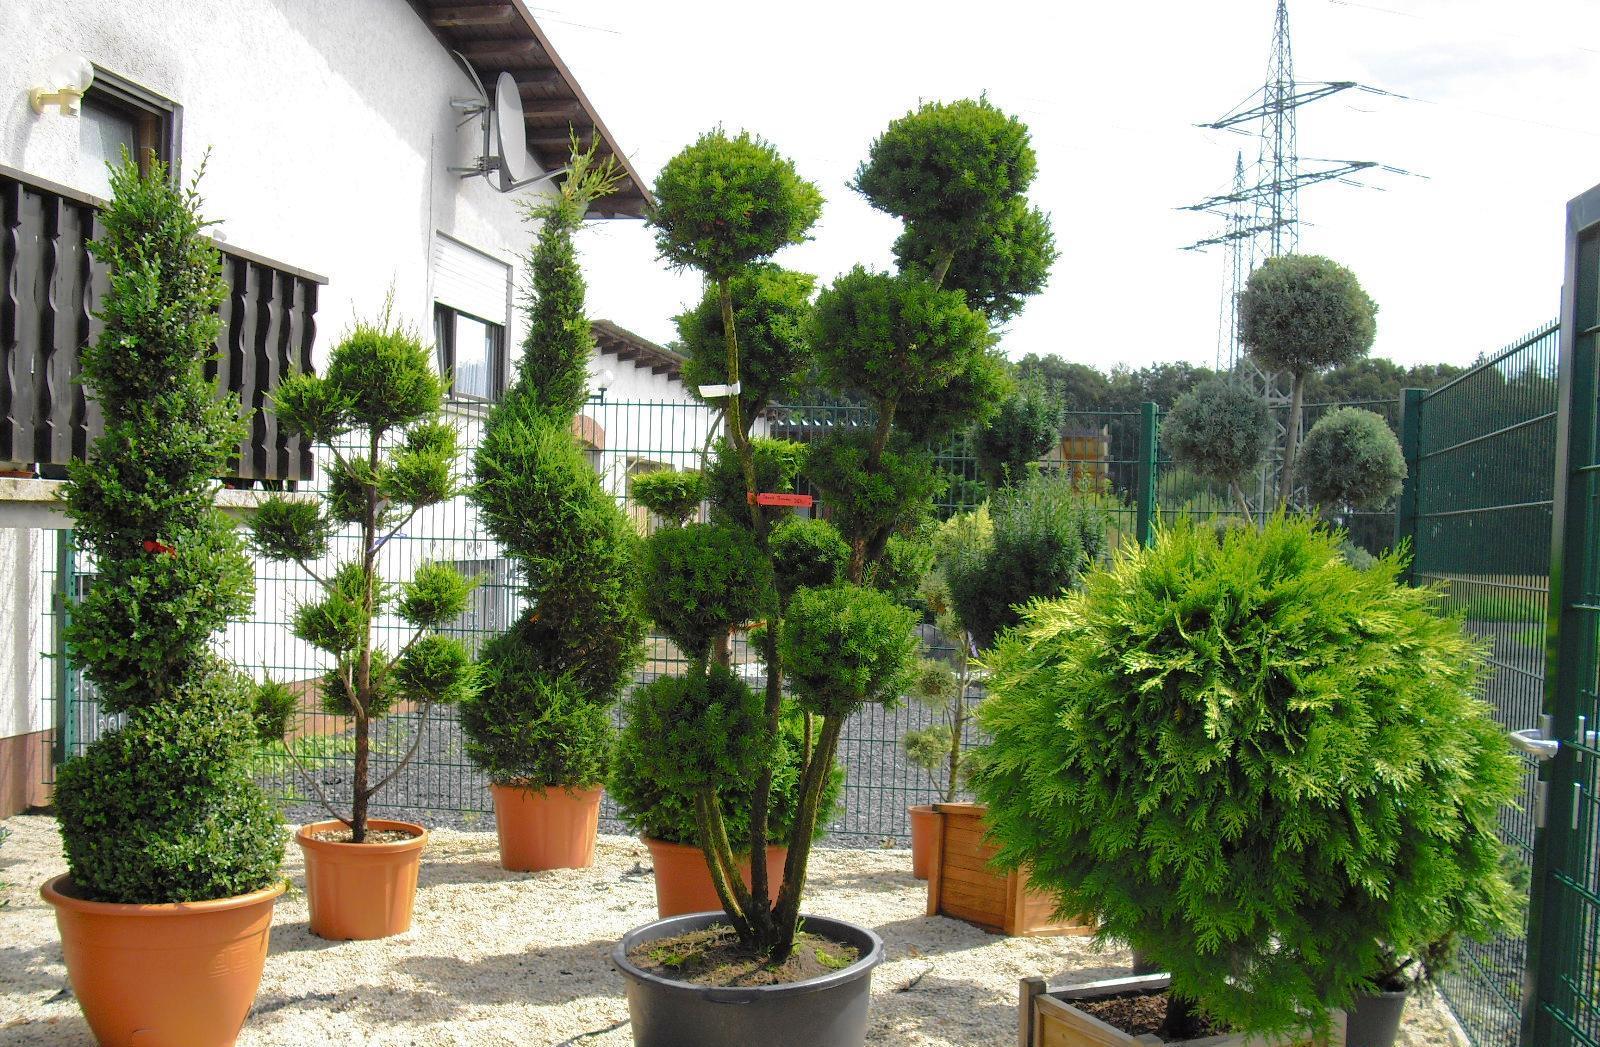 Карликовые деревья: преимущества и недостатки